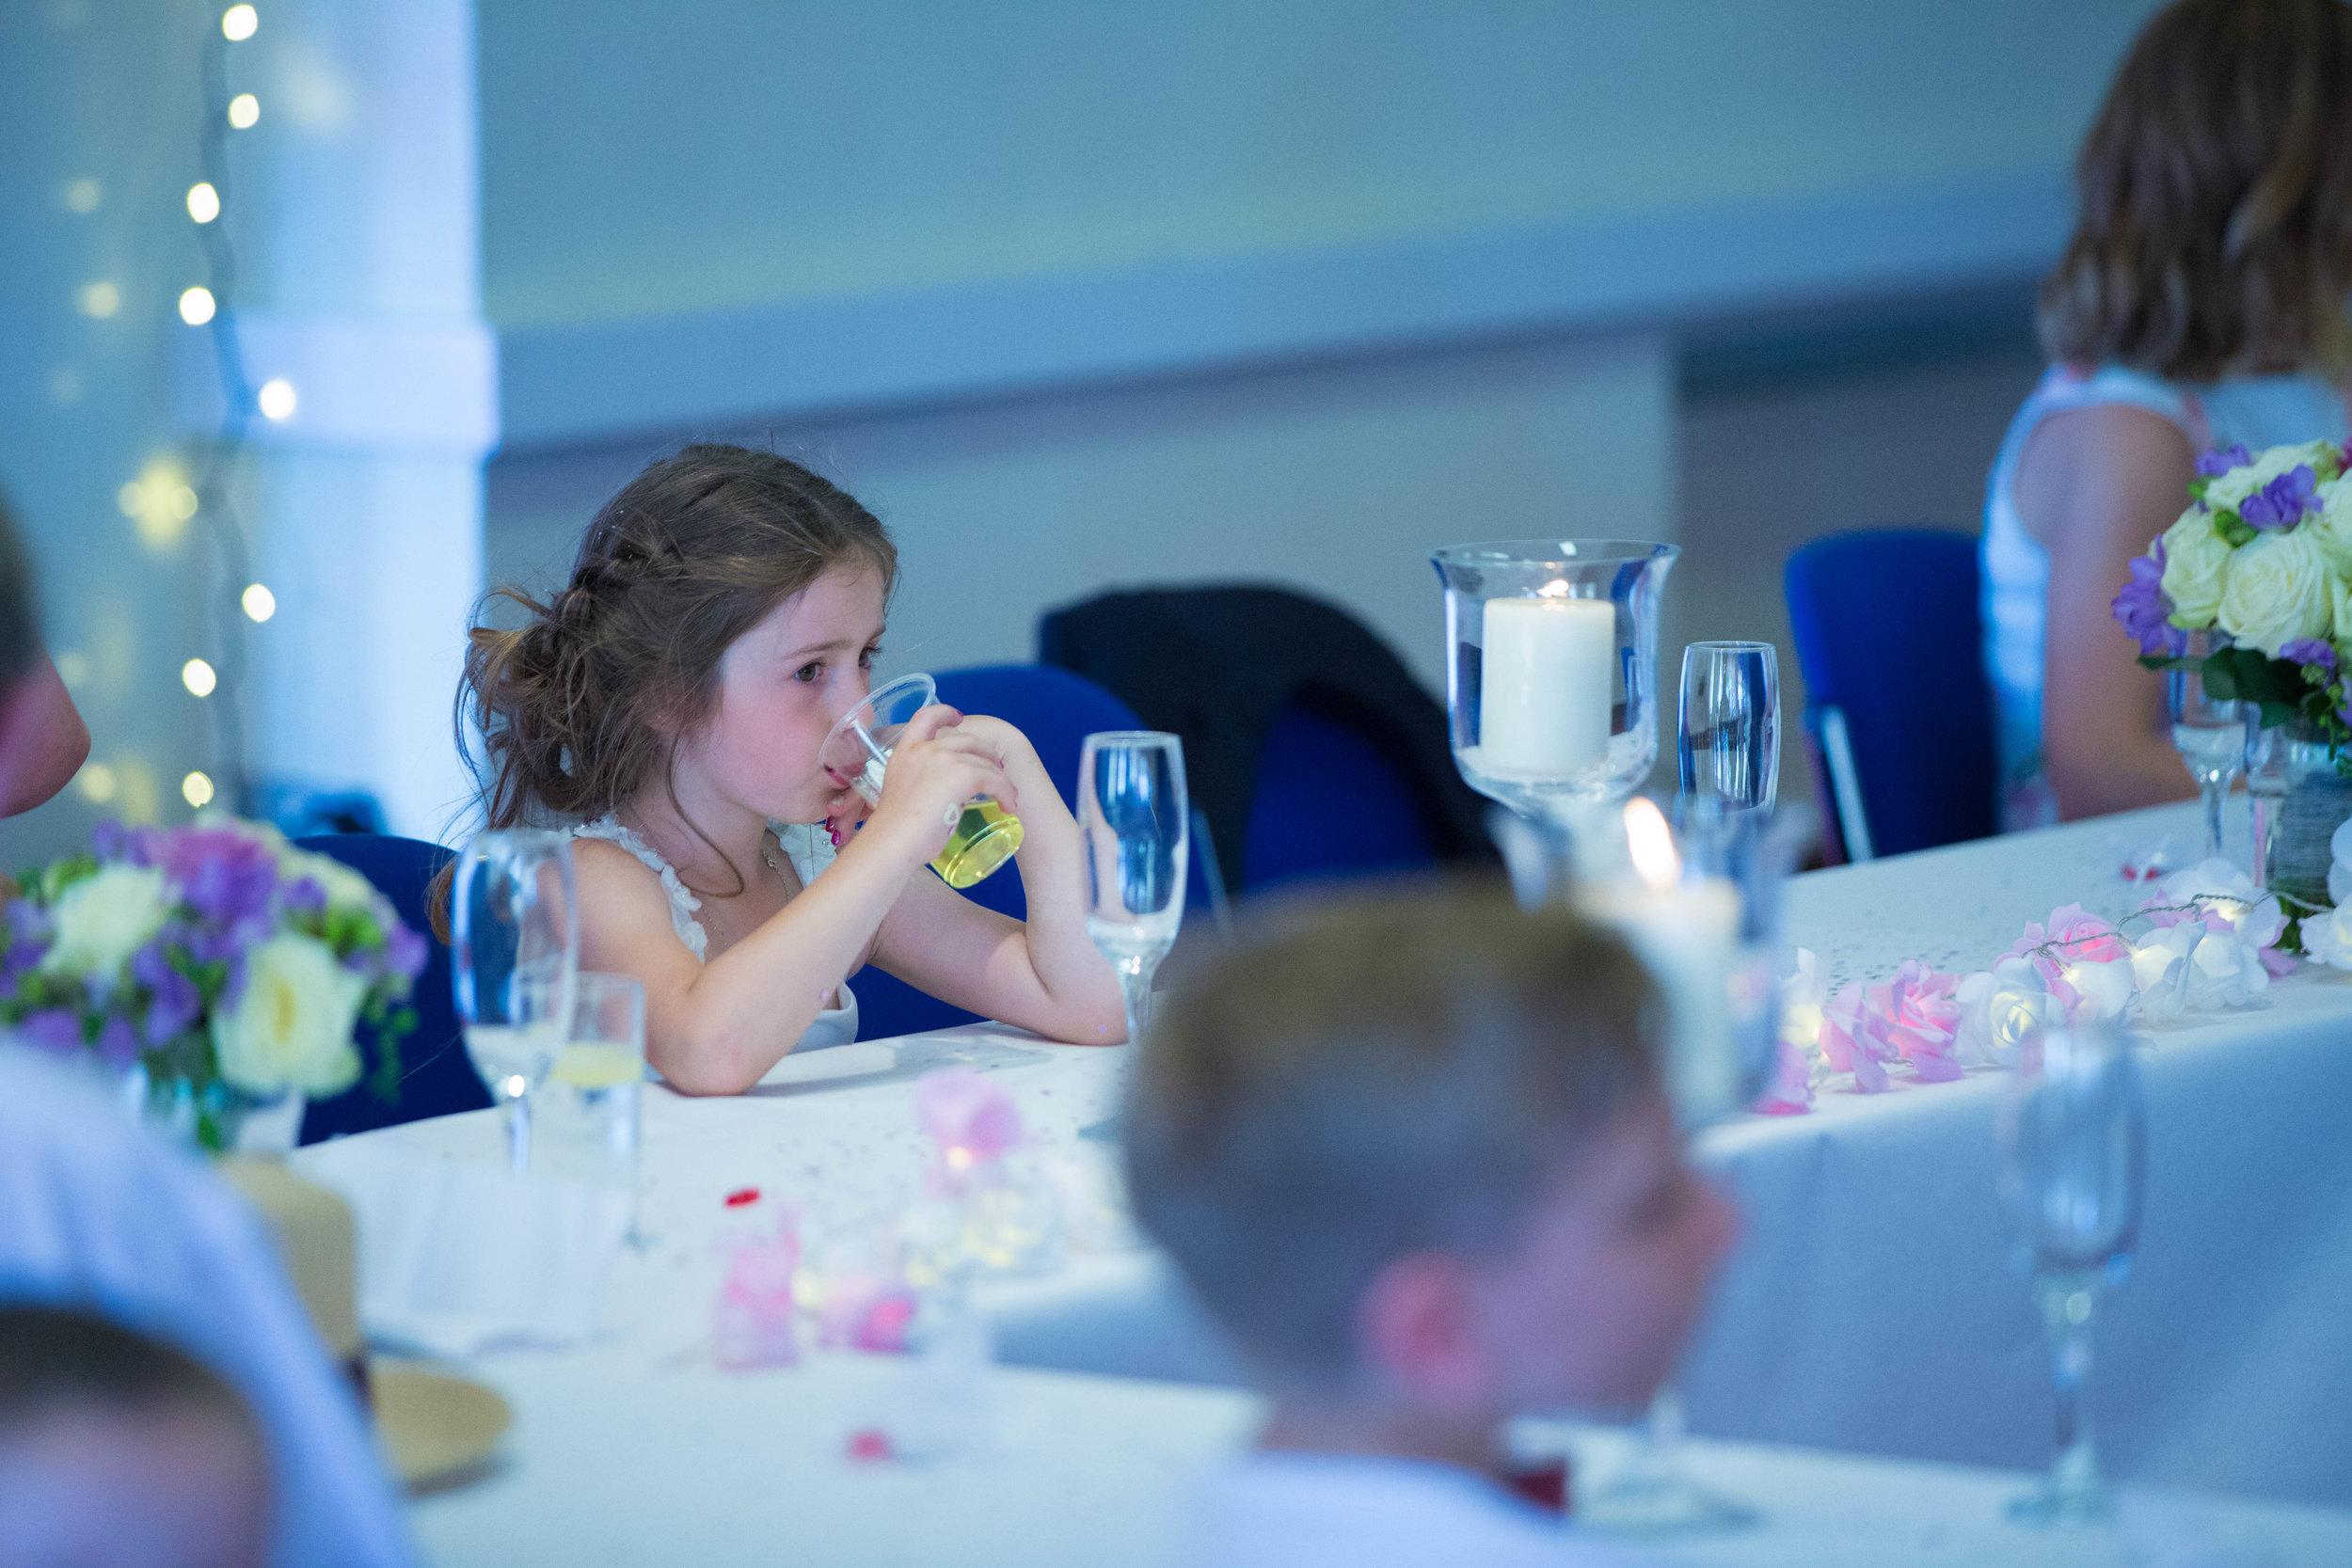 HamptonCourt-Wedding-Weybridge-Surrey-London-OatlandsParkHotel-40